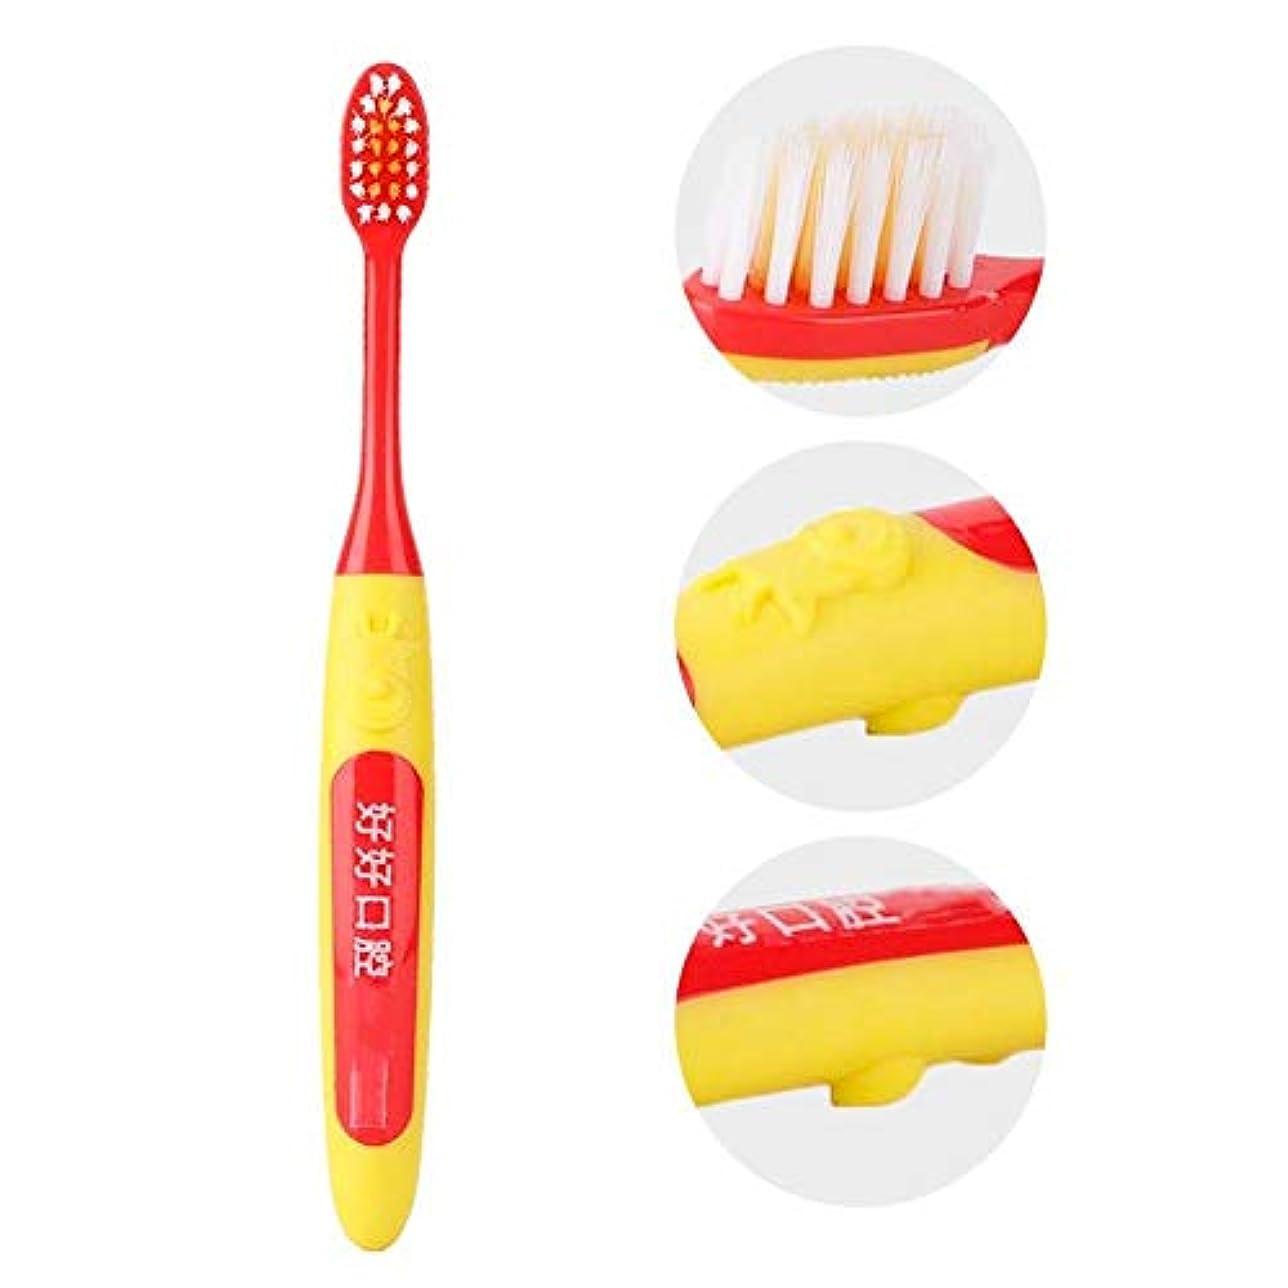 放牧するとにかく等歯ブラシ子供の柔らかい髪の歯ブラシかわいい子供のクリーニング歯ブラシオーラルケアツール(黄色いハンドル)